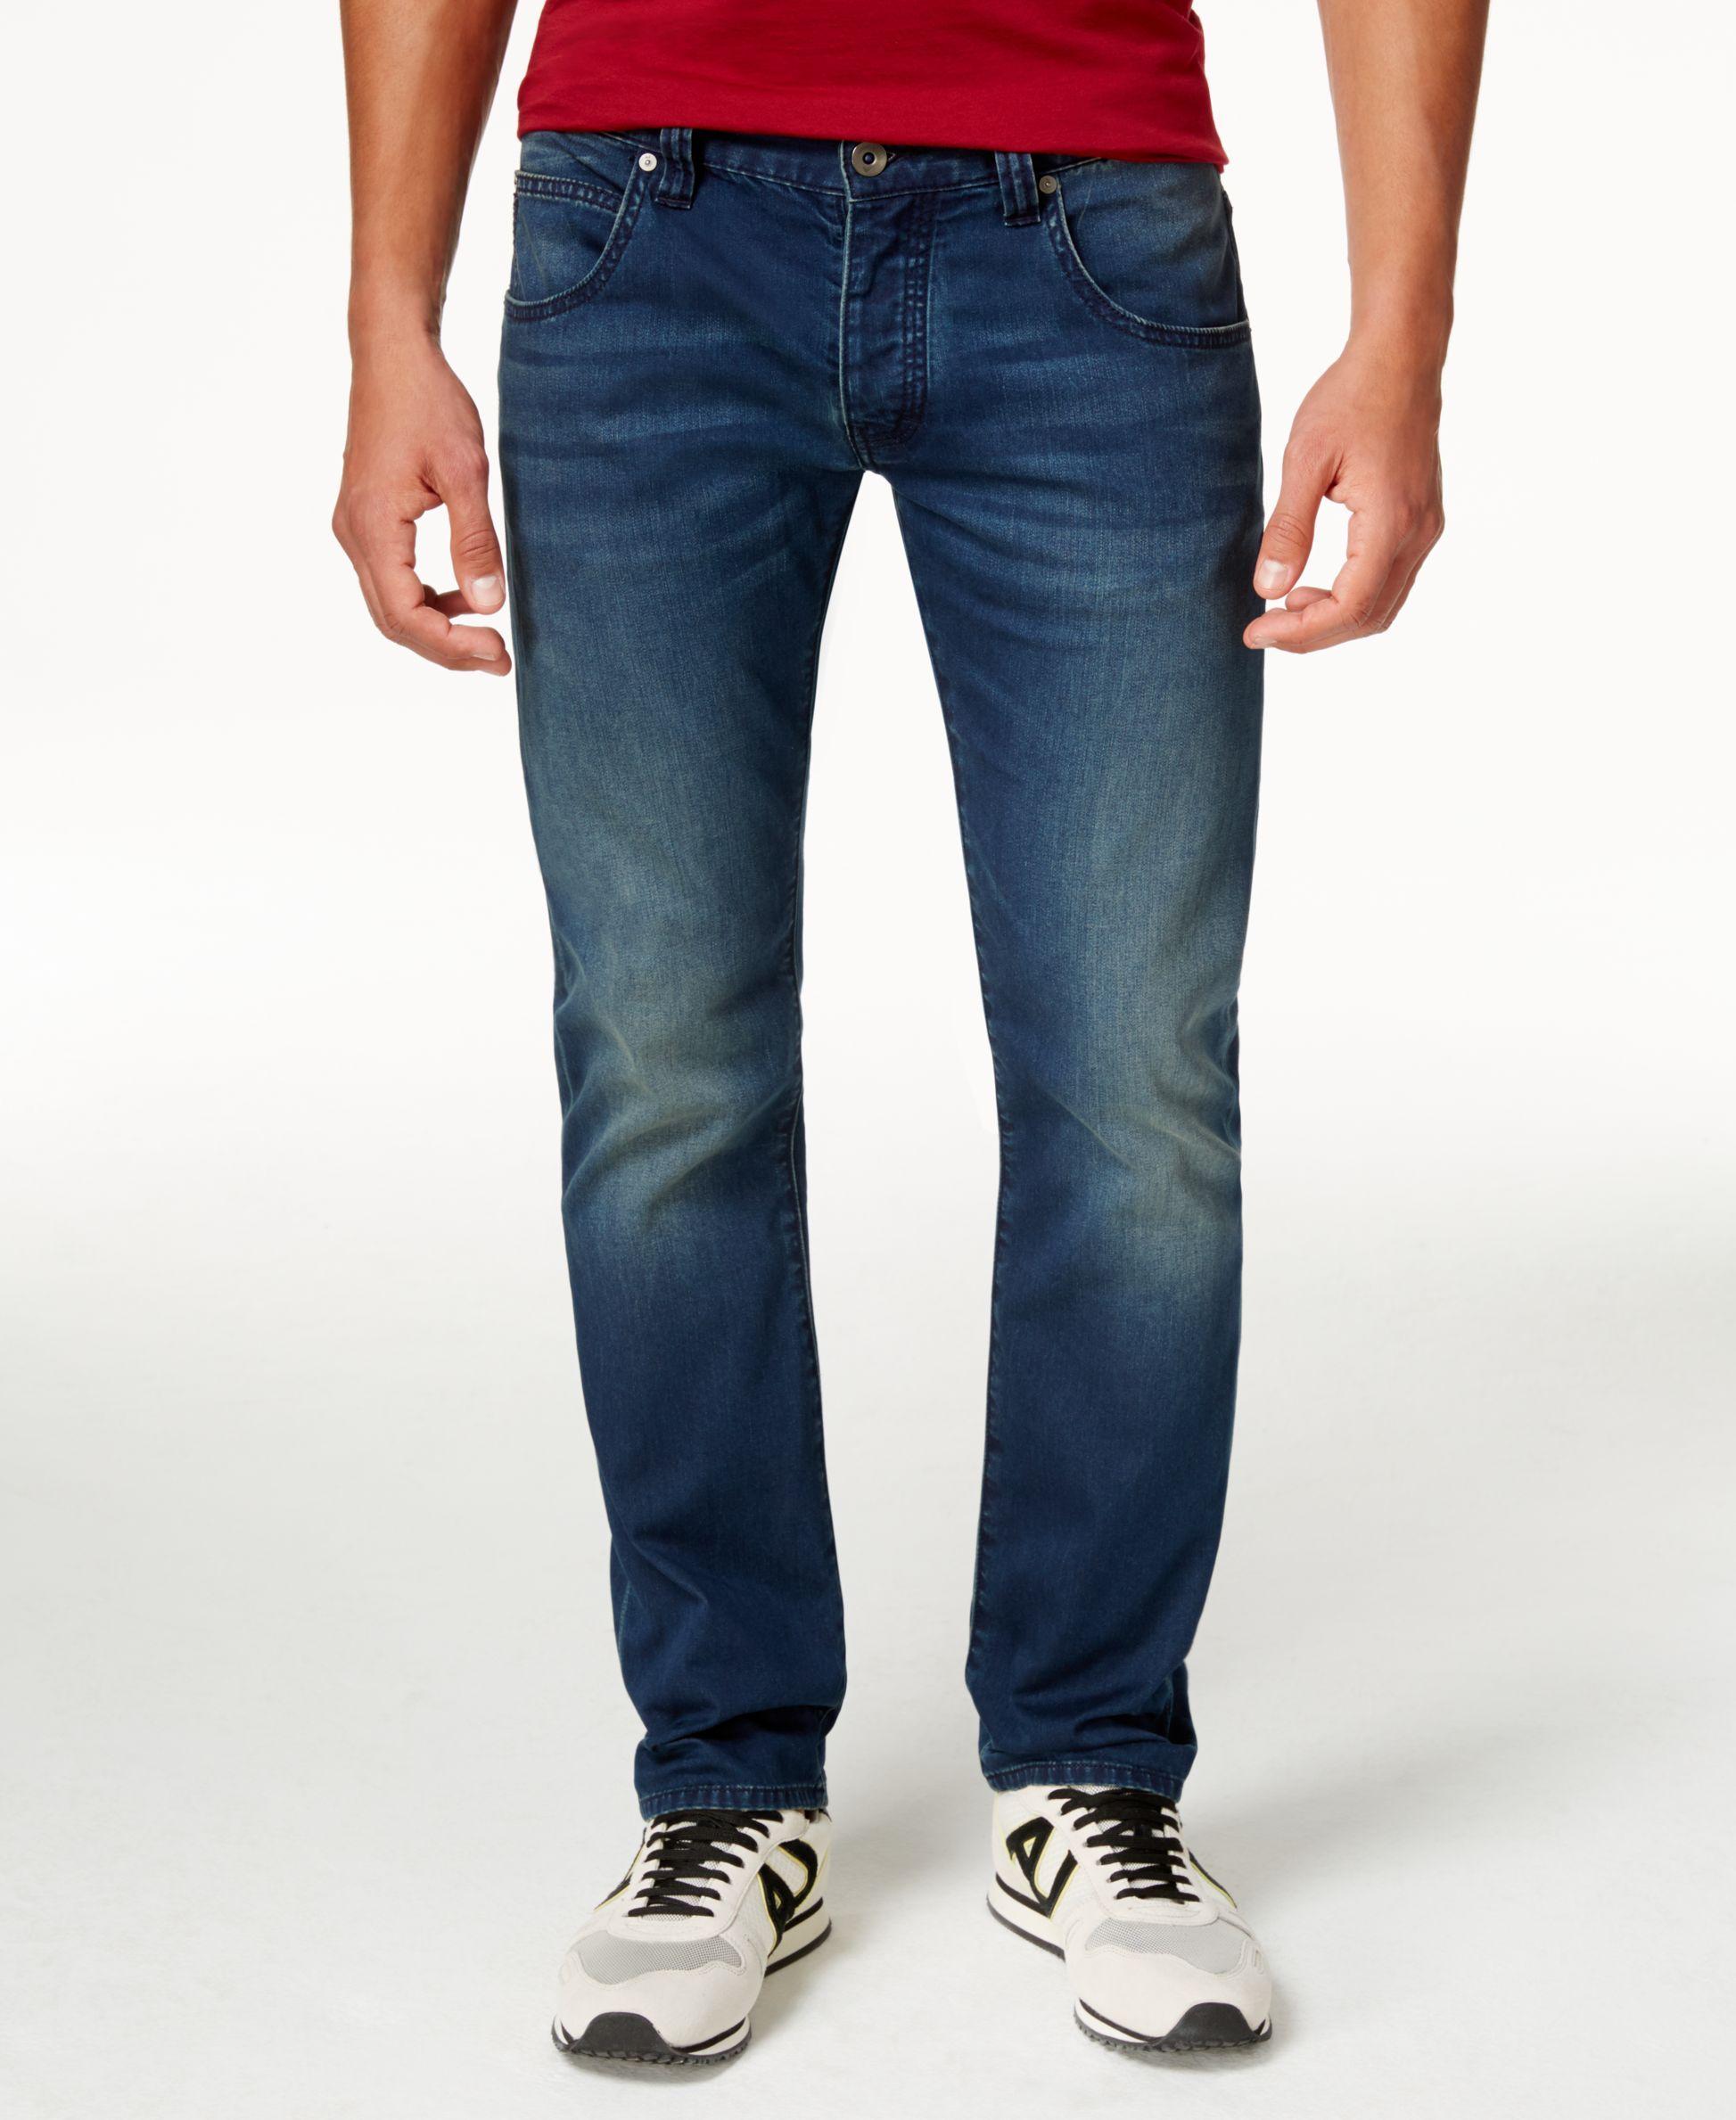 b45d510e Armani Jeans Men's J08 Slim-Fit Jeans   Products   Armani jeans men ...